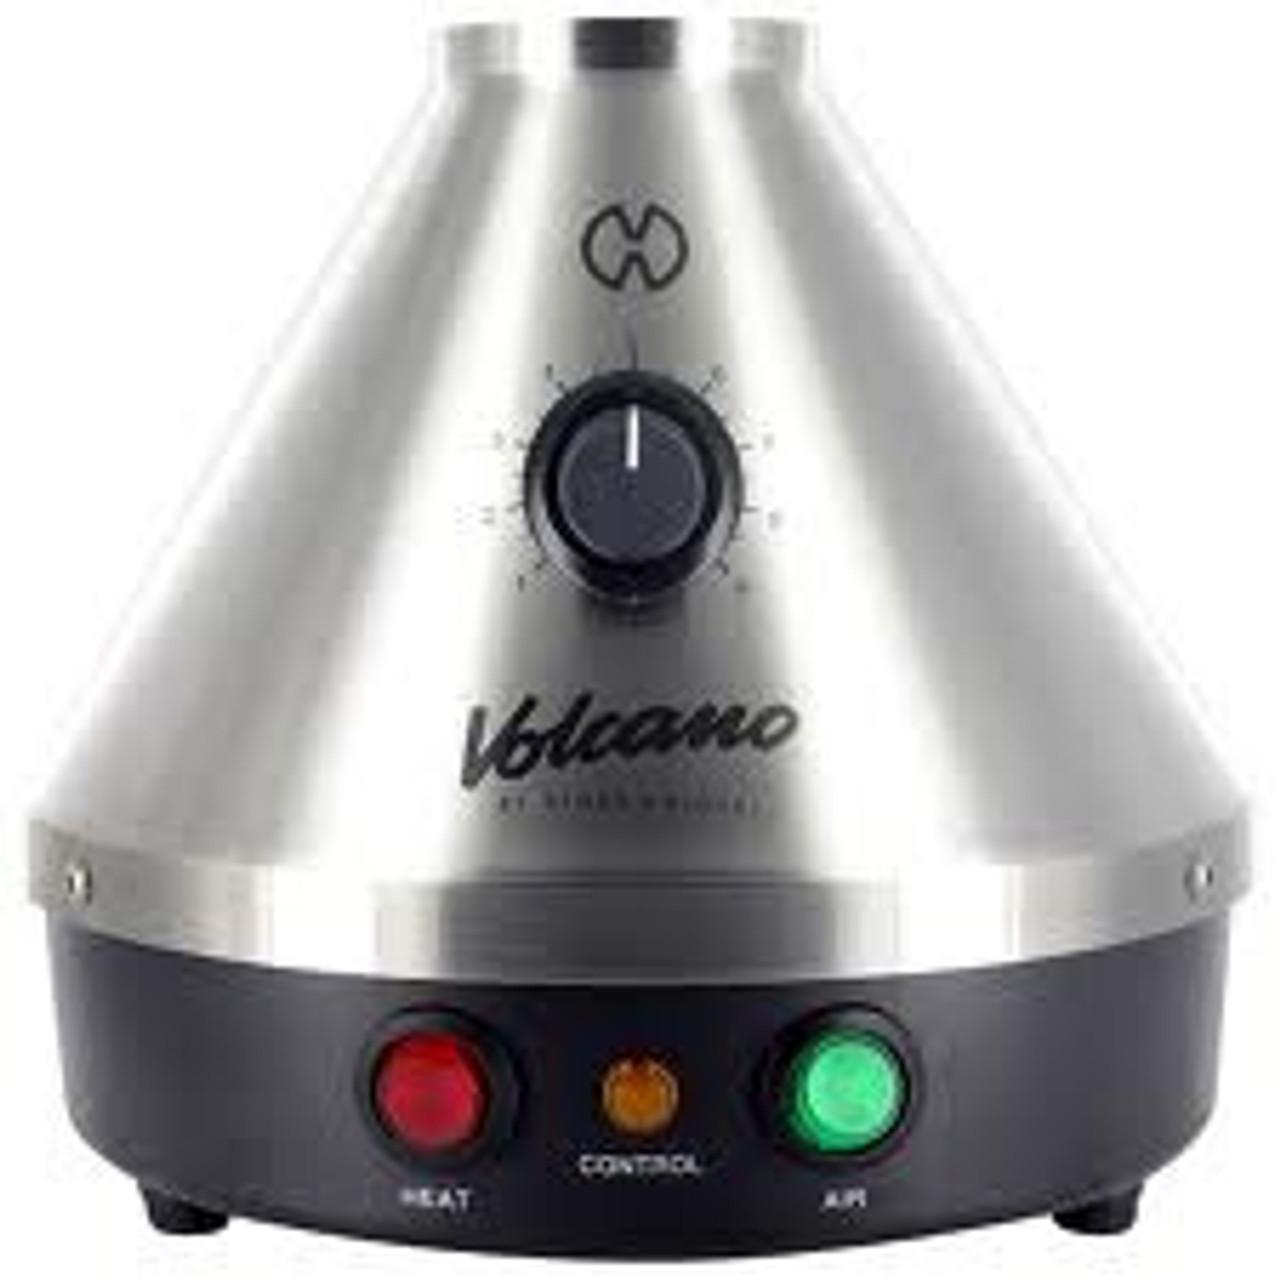 Volcano - Best Desktop Vaporizer